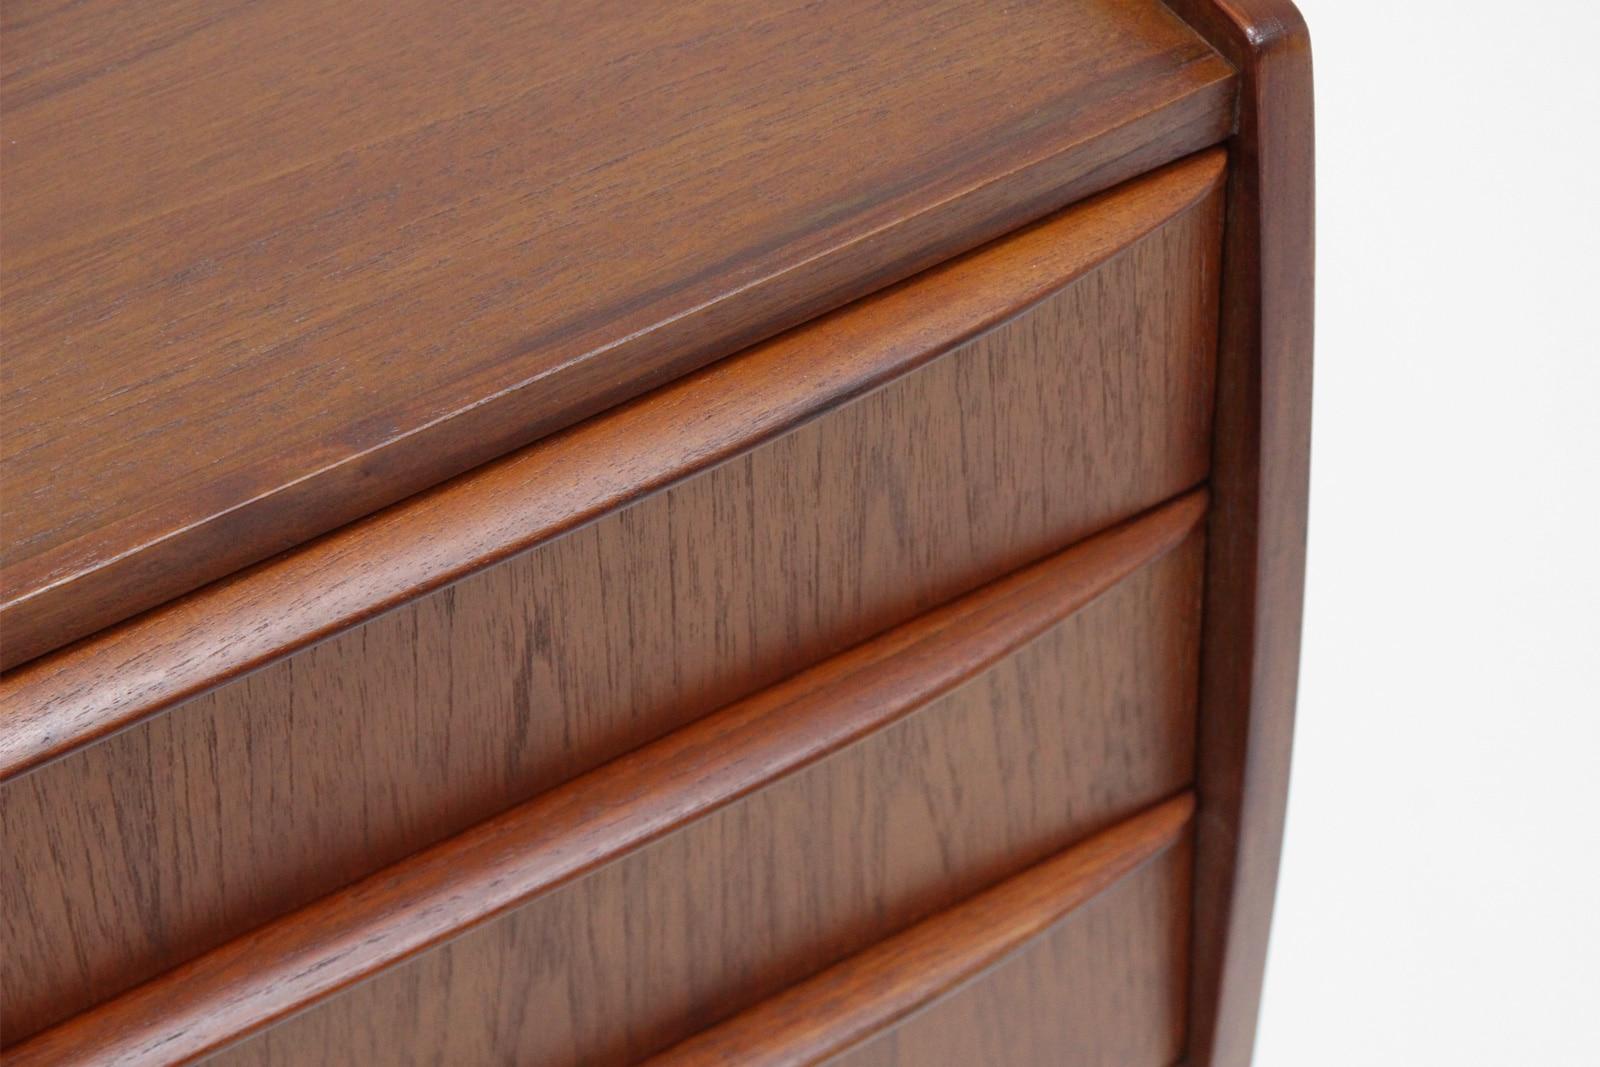 北欧,デザイン,家具,クロッケン,チーク材,3段,ミニチェスト